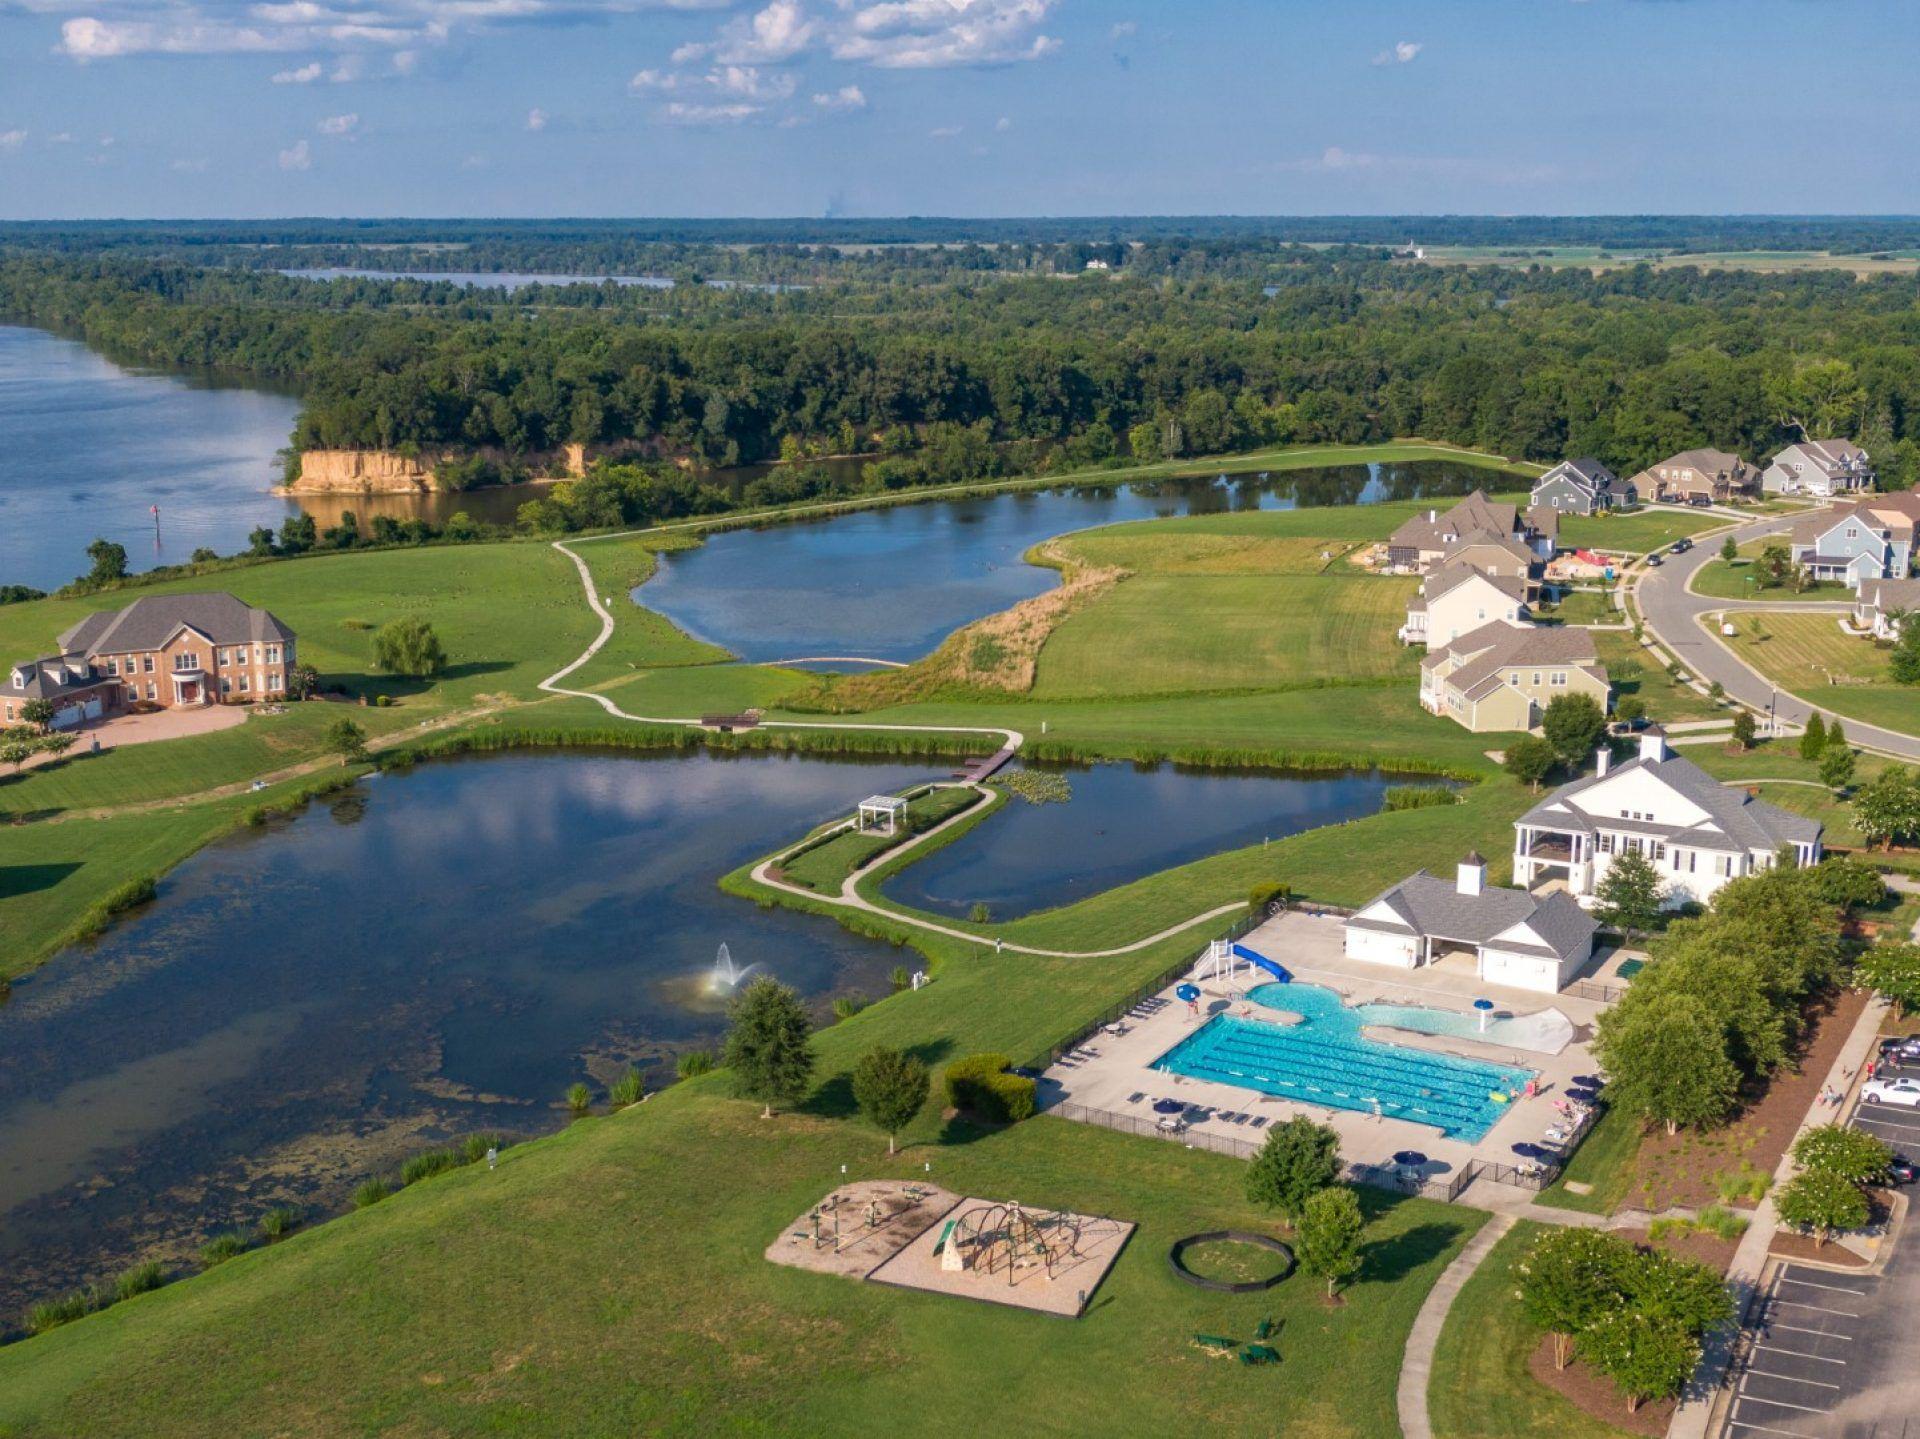 'Meadowville Landing - Twin Rivers' by Richmond-Petersburg in Richmond-Petersburg